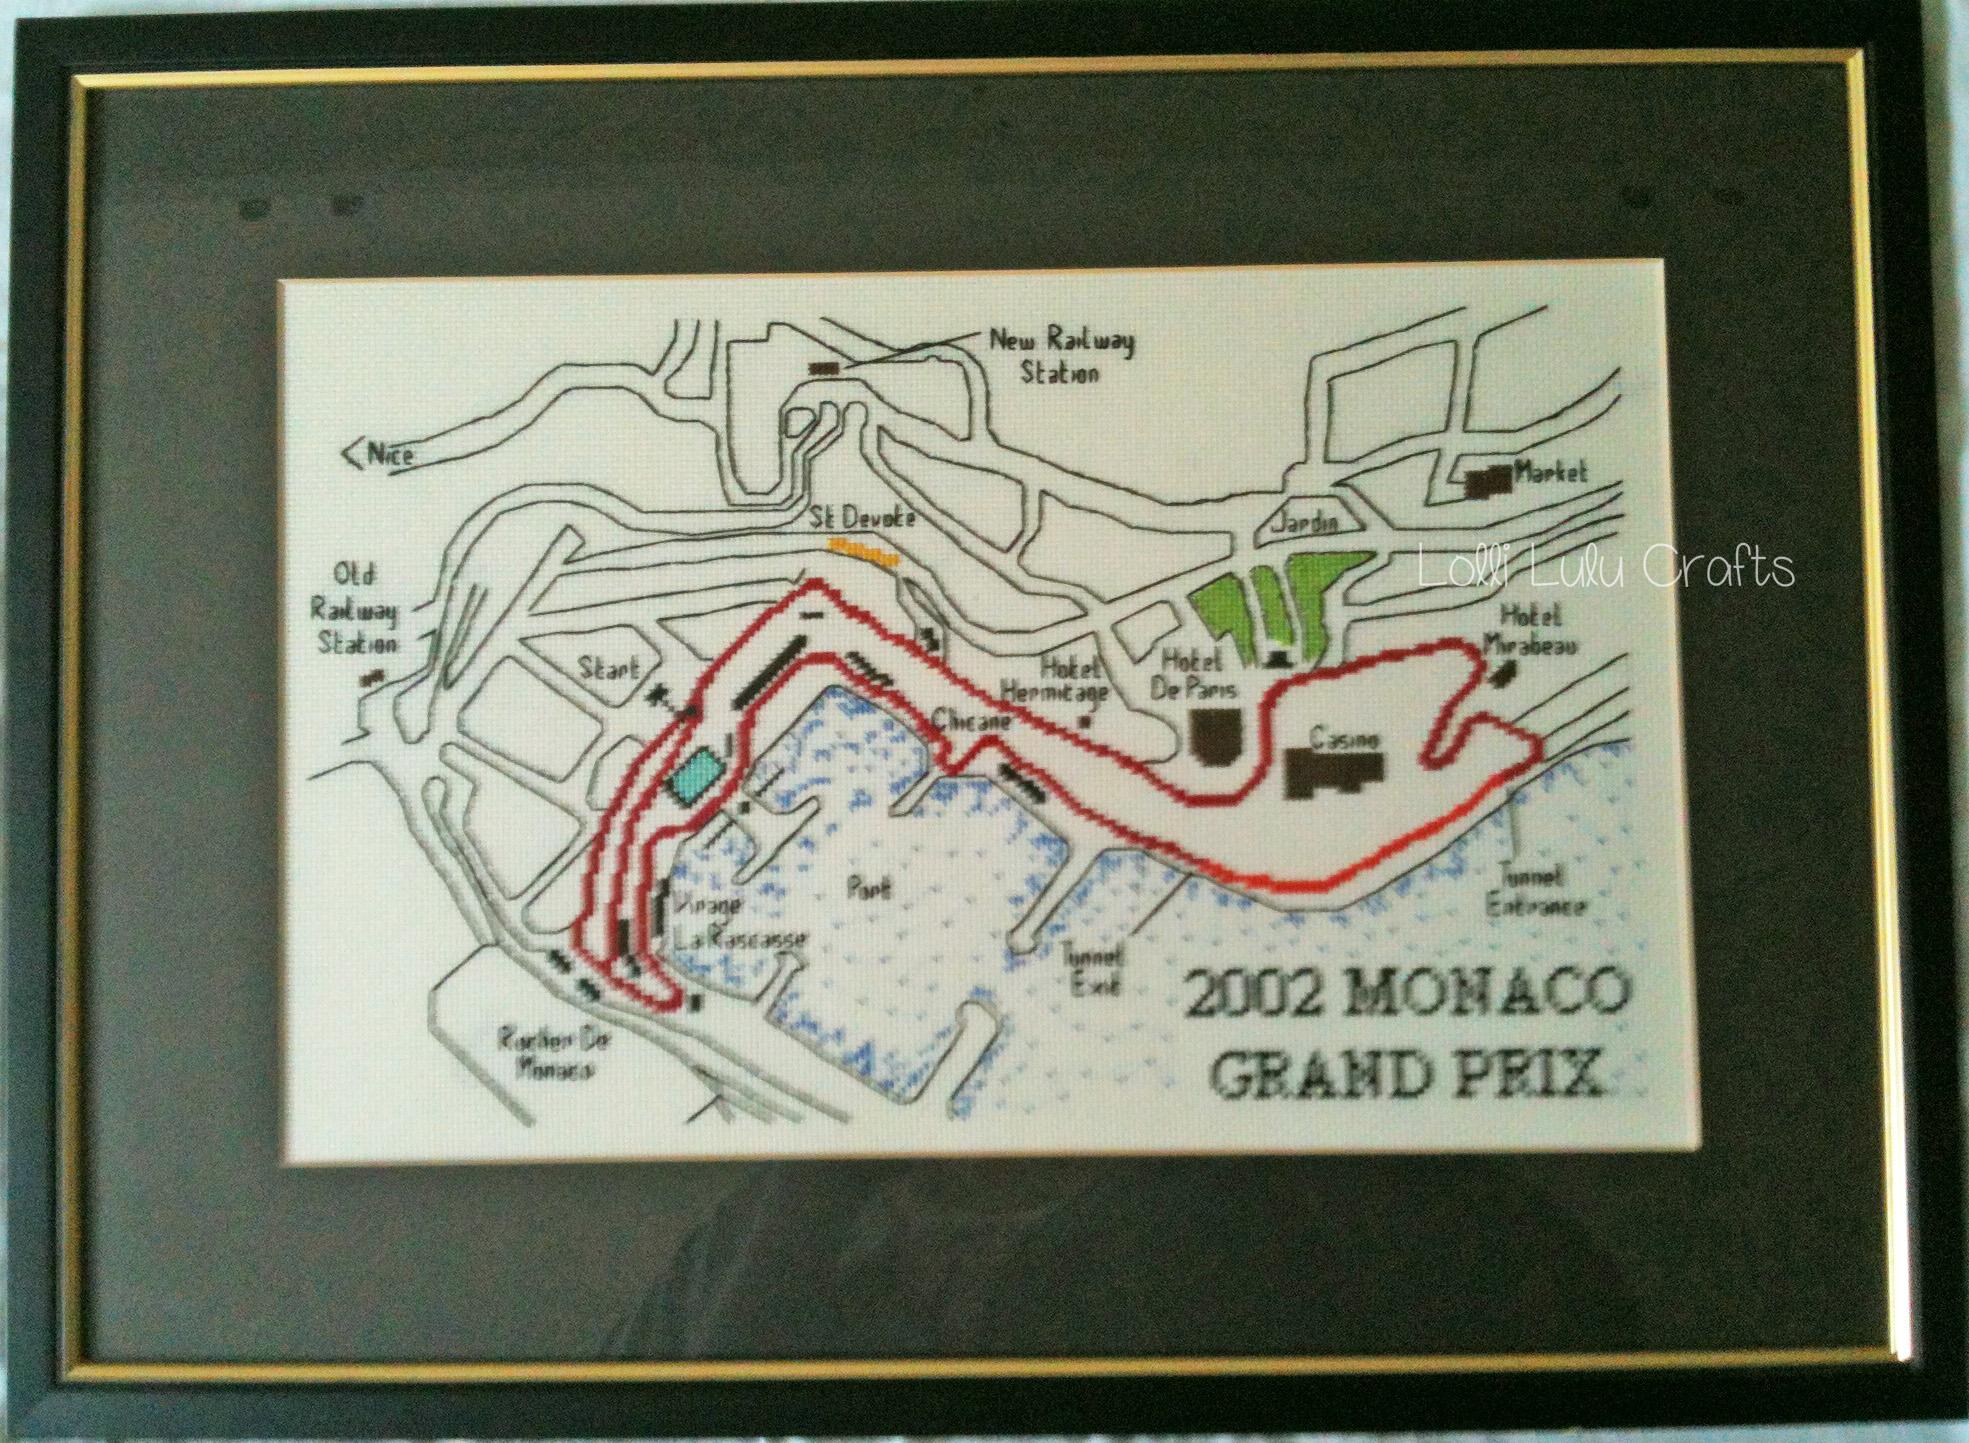 Smonaco Map